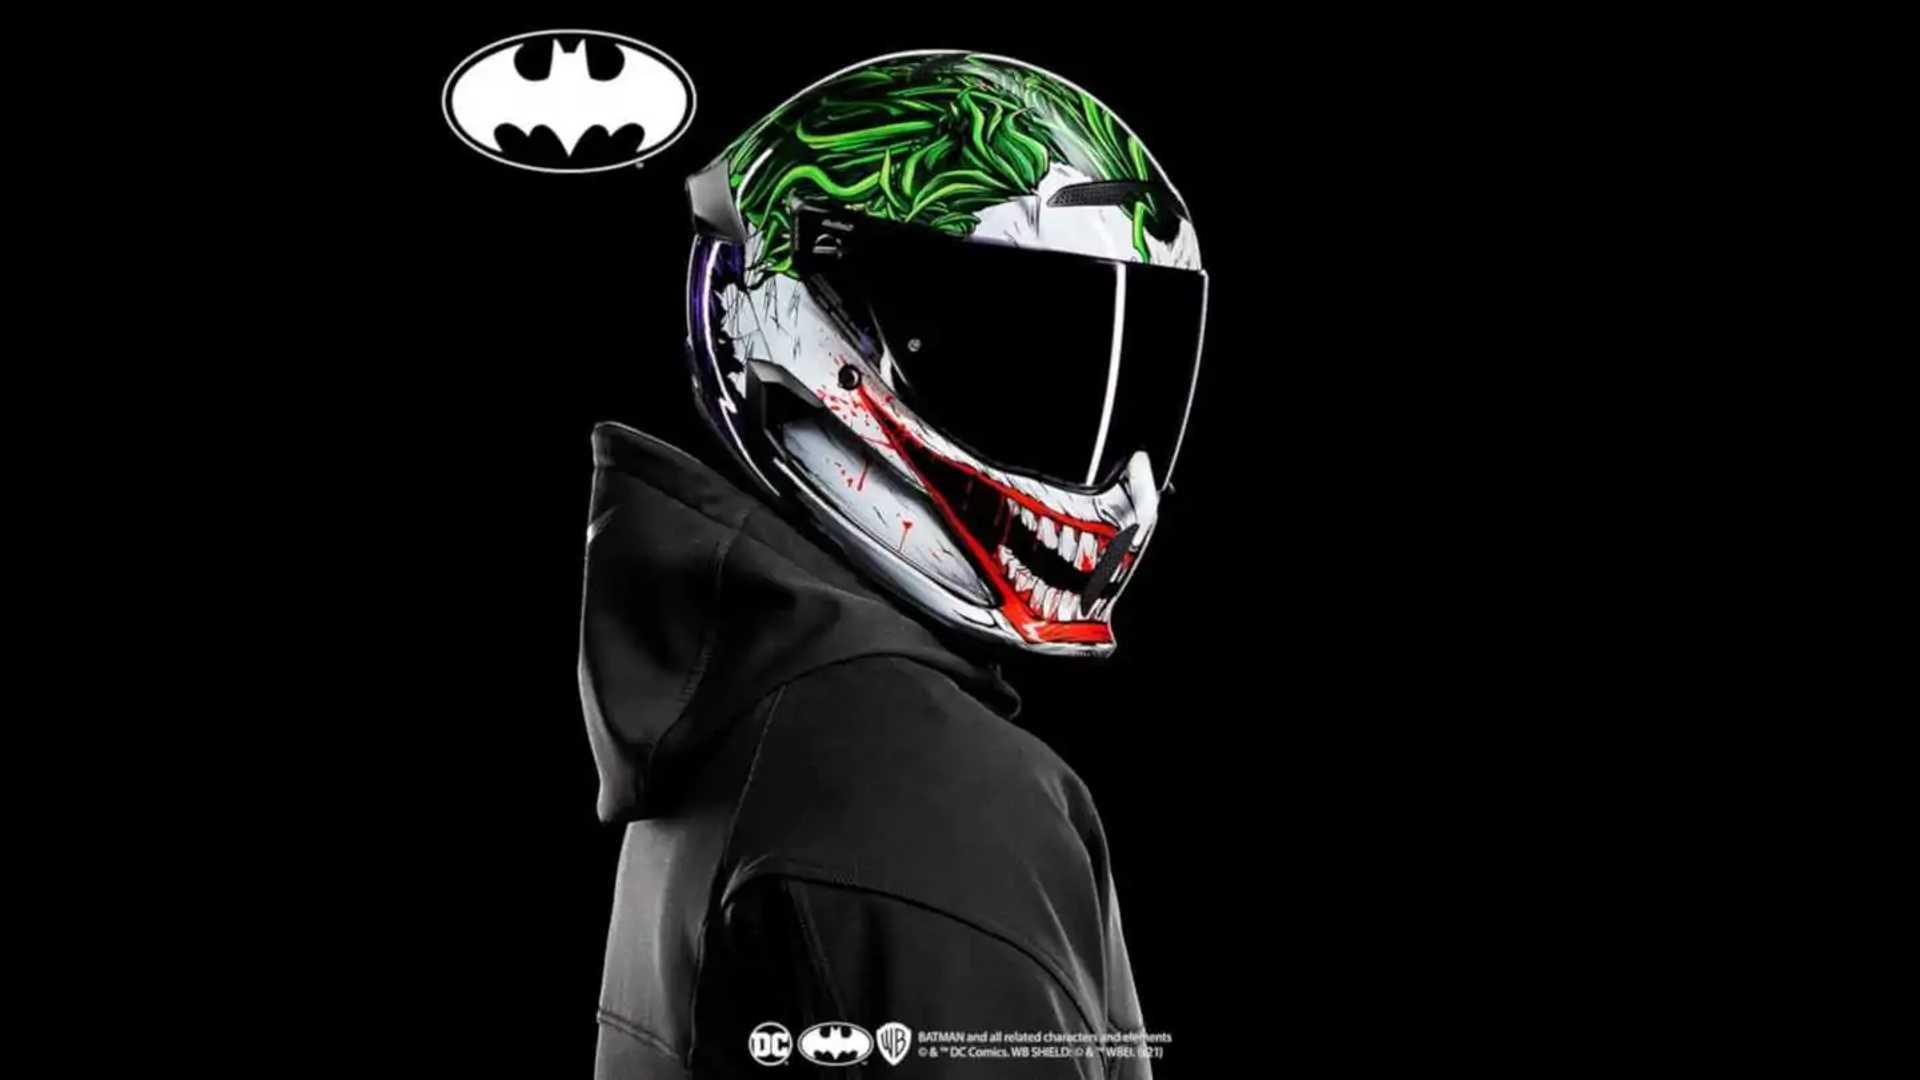 Ruroc Atlas 3.0 Helmet - Joker Front Three Quarter View